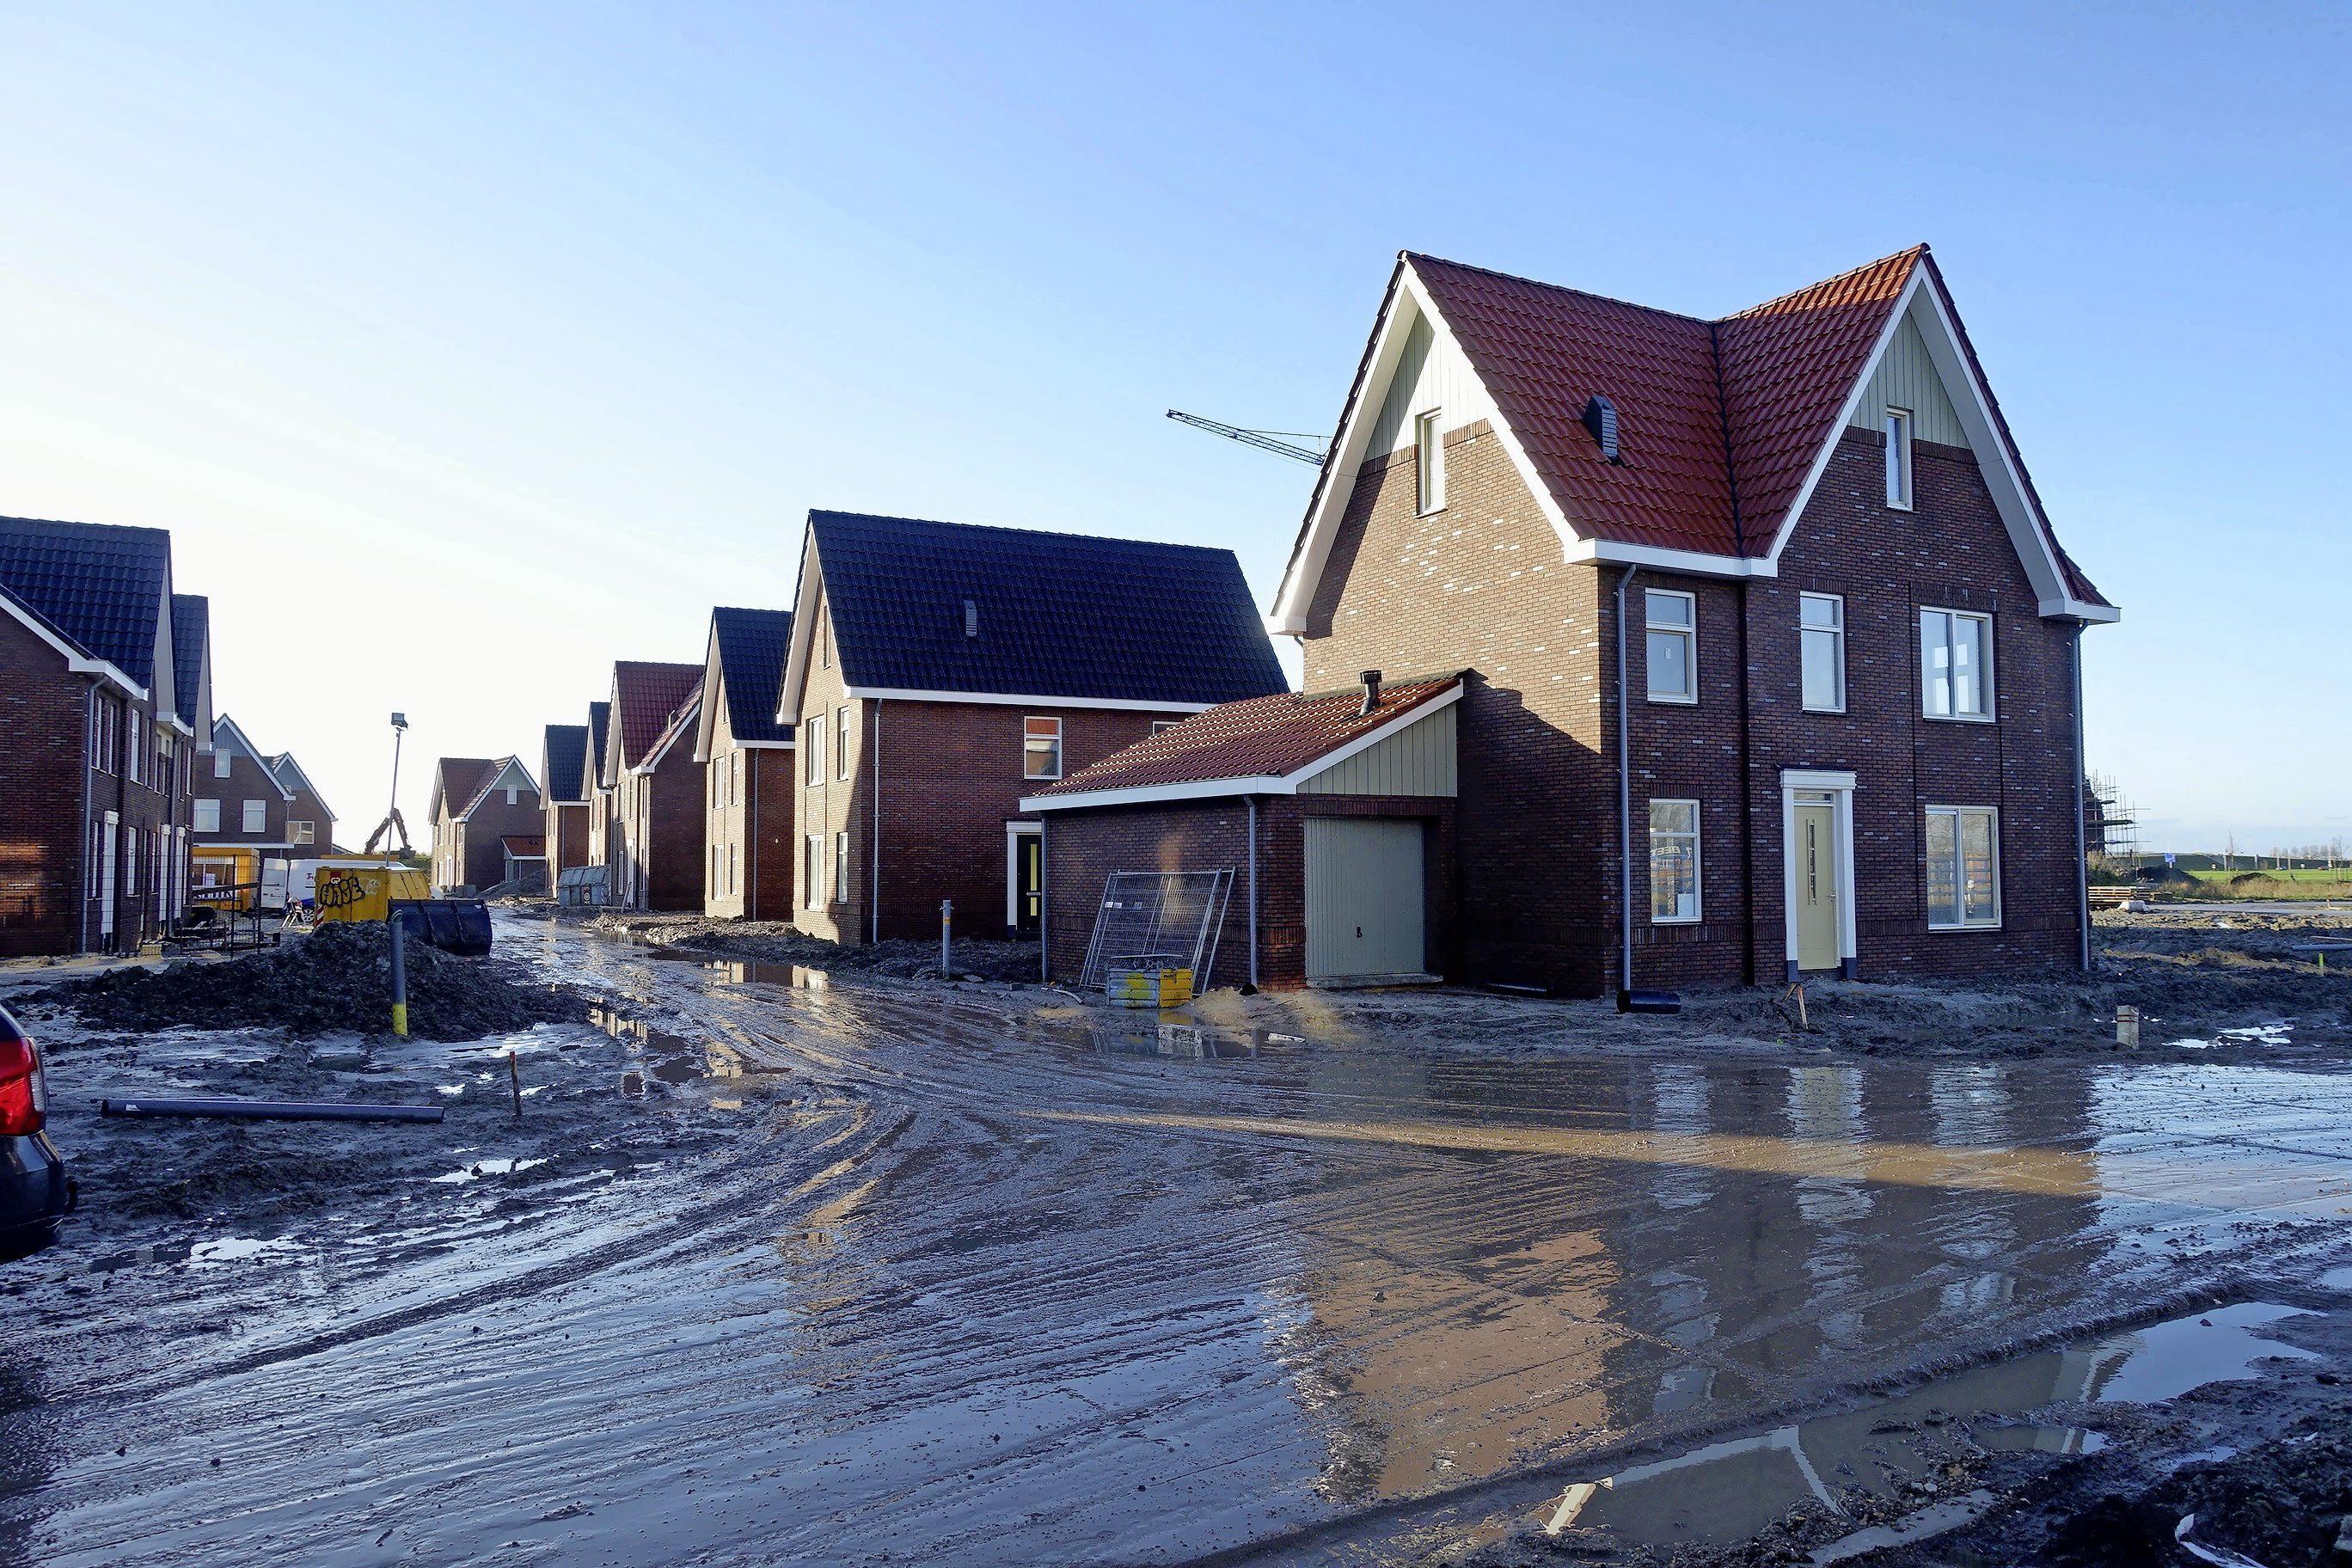 Stede Broec wil dat hele regio zich verplicht 30 procent nieuwbouw voor sociale huur te bestemmen